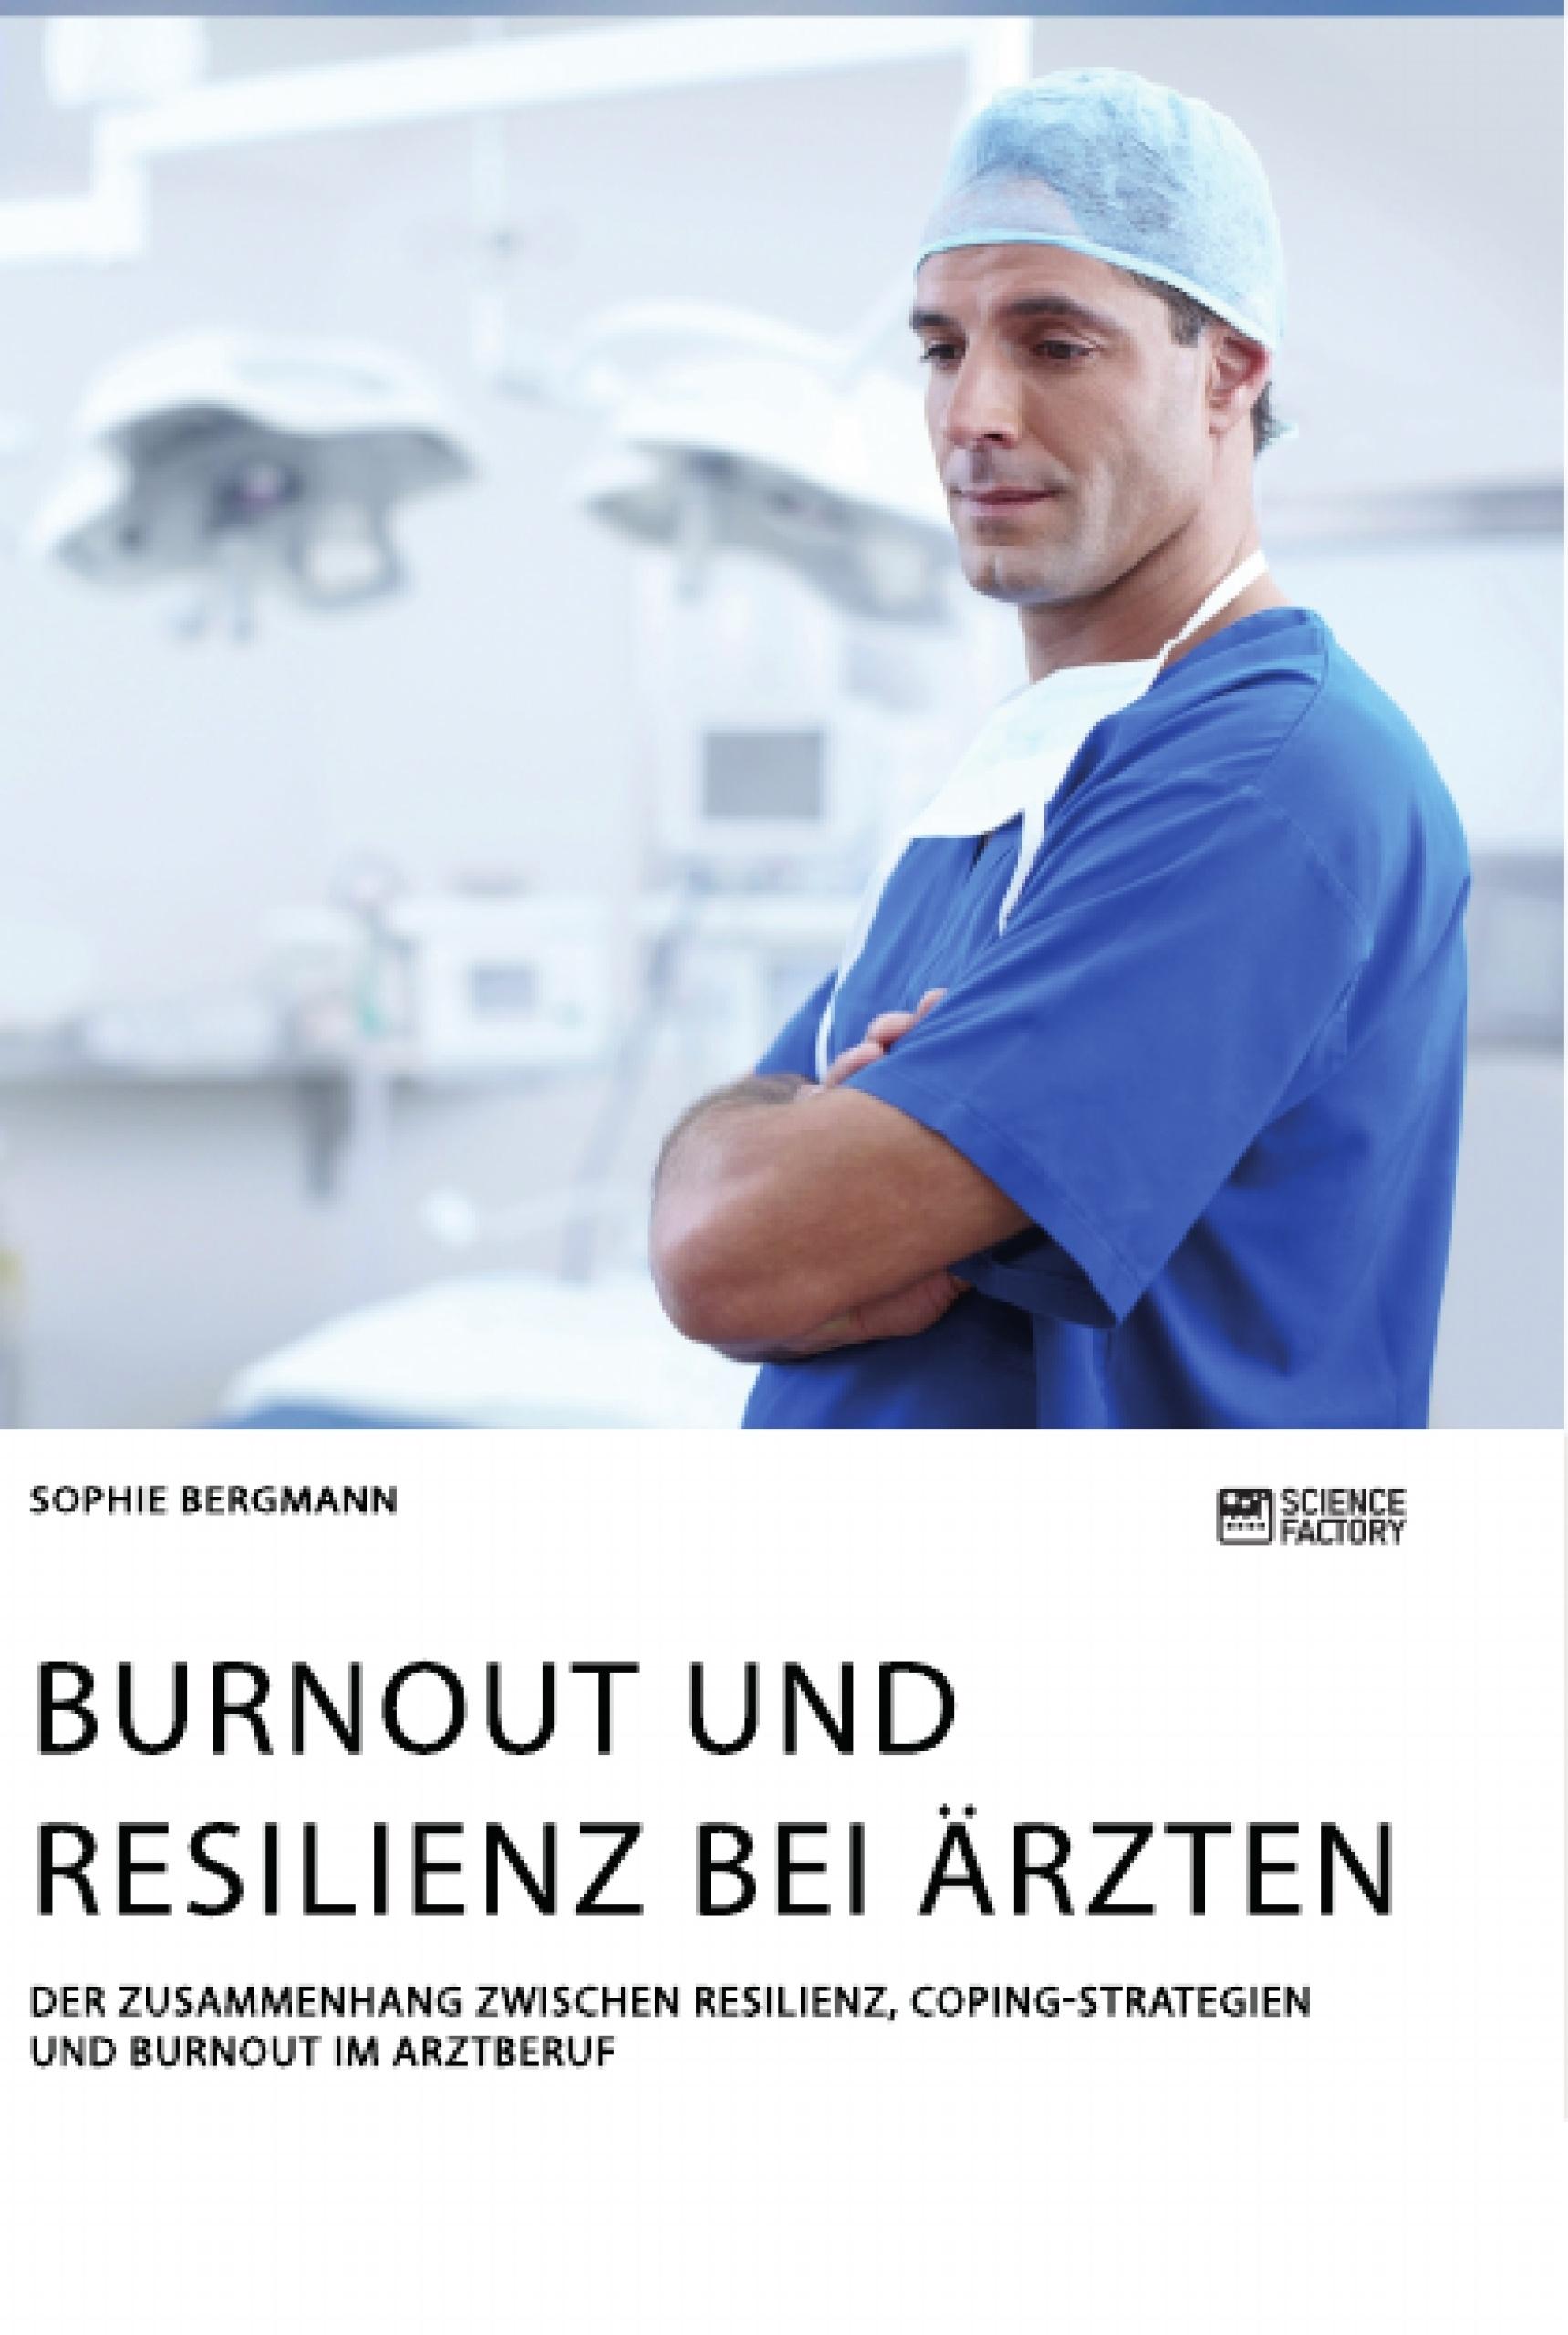 Titel: Burnout und Resilienz bei Ärzten. Der Zusammenhang zwischen Resilienz, Coping-Strategien und Burnout im Arztberuf